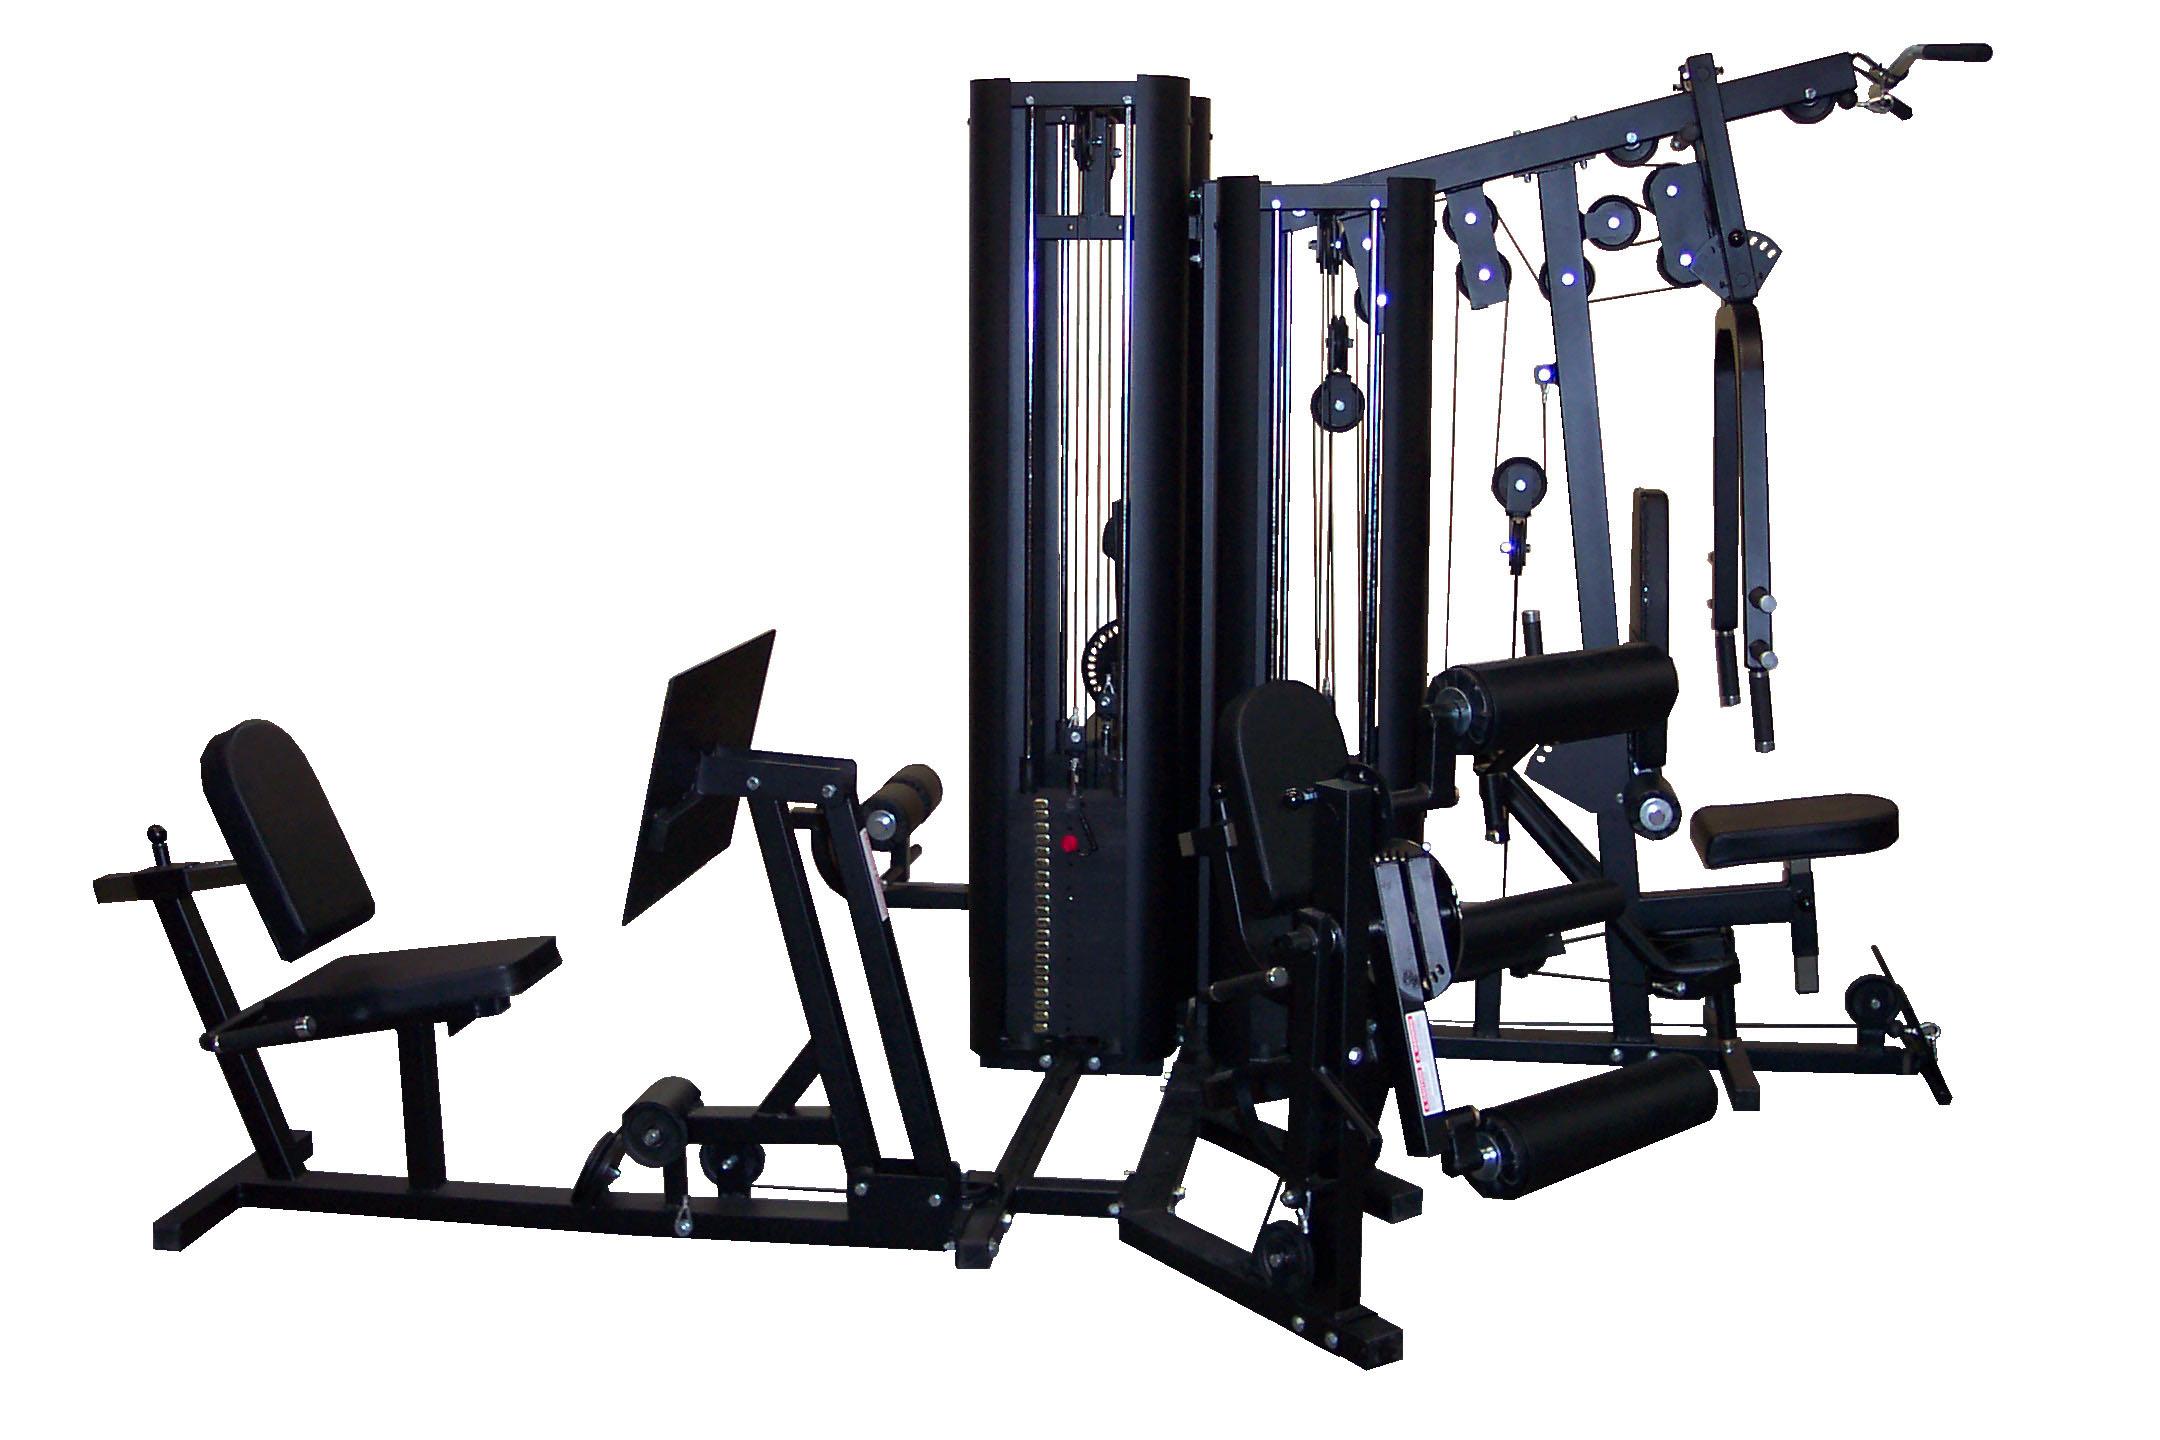 MAX-HG2 4 Stacks Gym